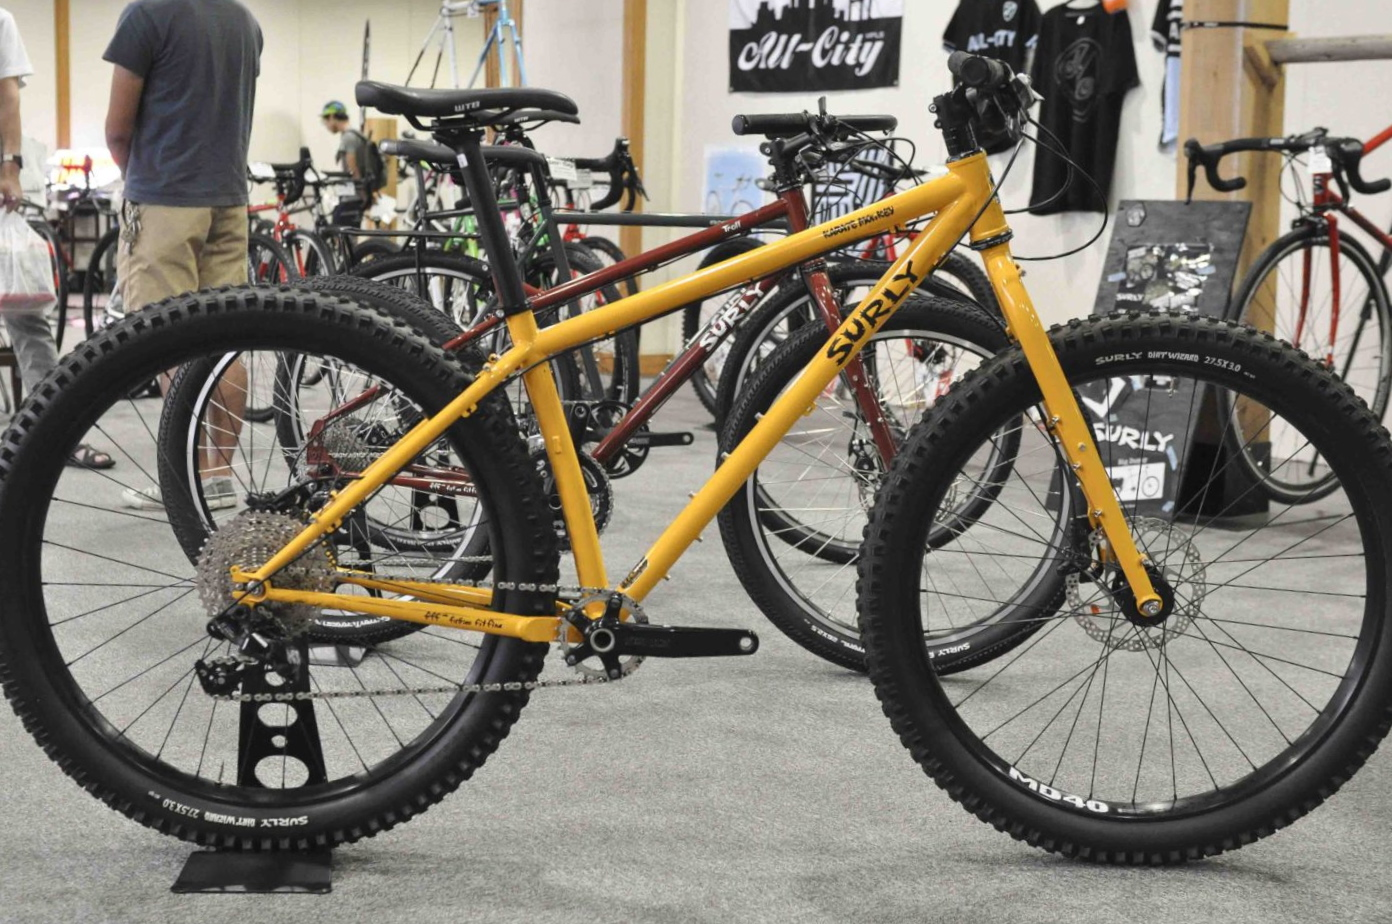 motocro-24-1500x996